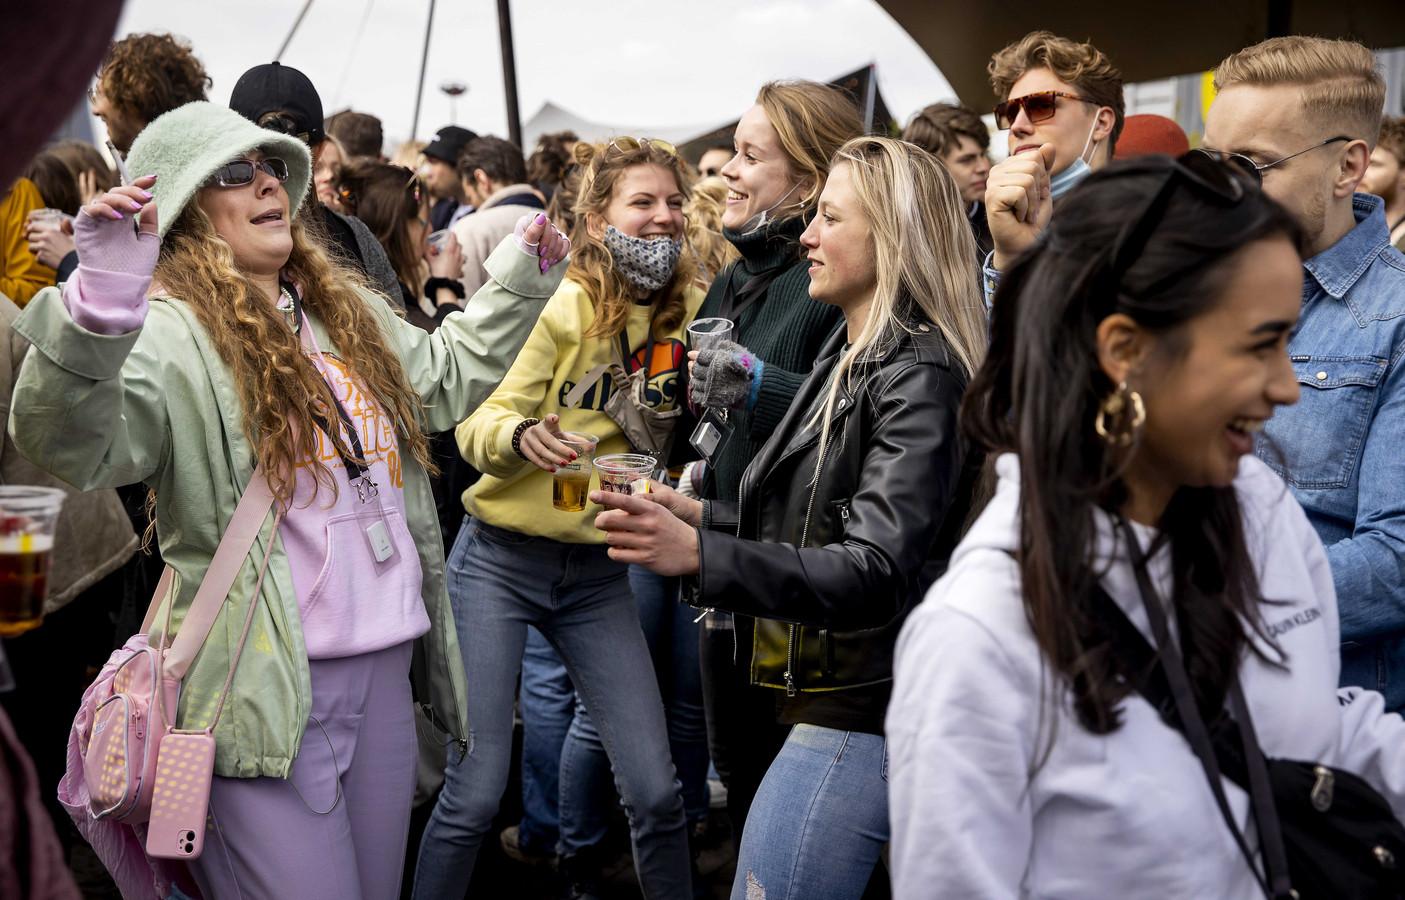 Bezoekers van het dancefestival in Biddinghuizen.